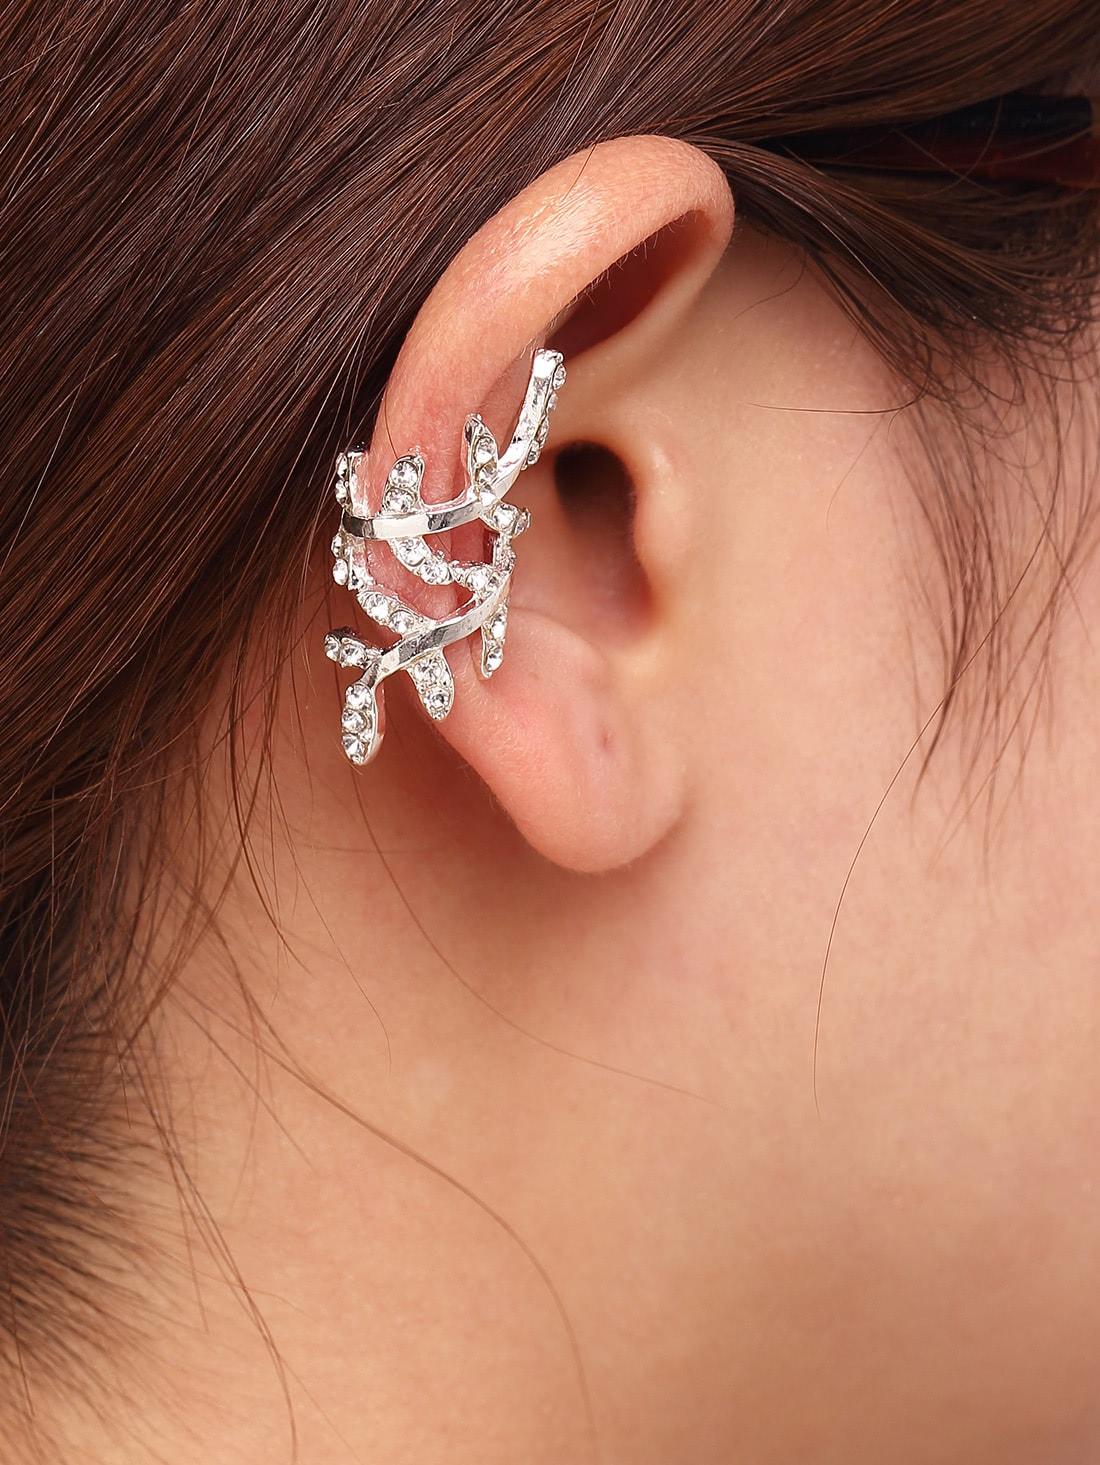 Rhinestone Leaf Shaped Ear Cuff 1Pcs one piece stylish women s rhinestone cross ear cuff